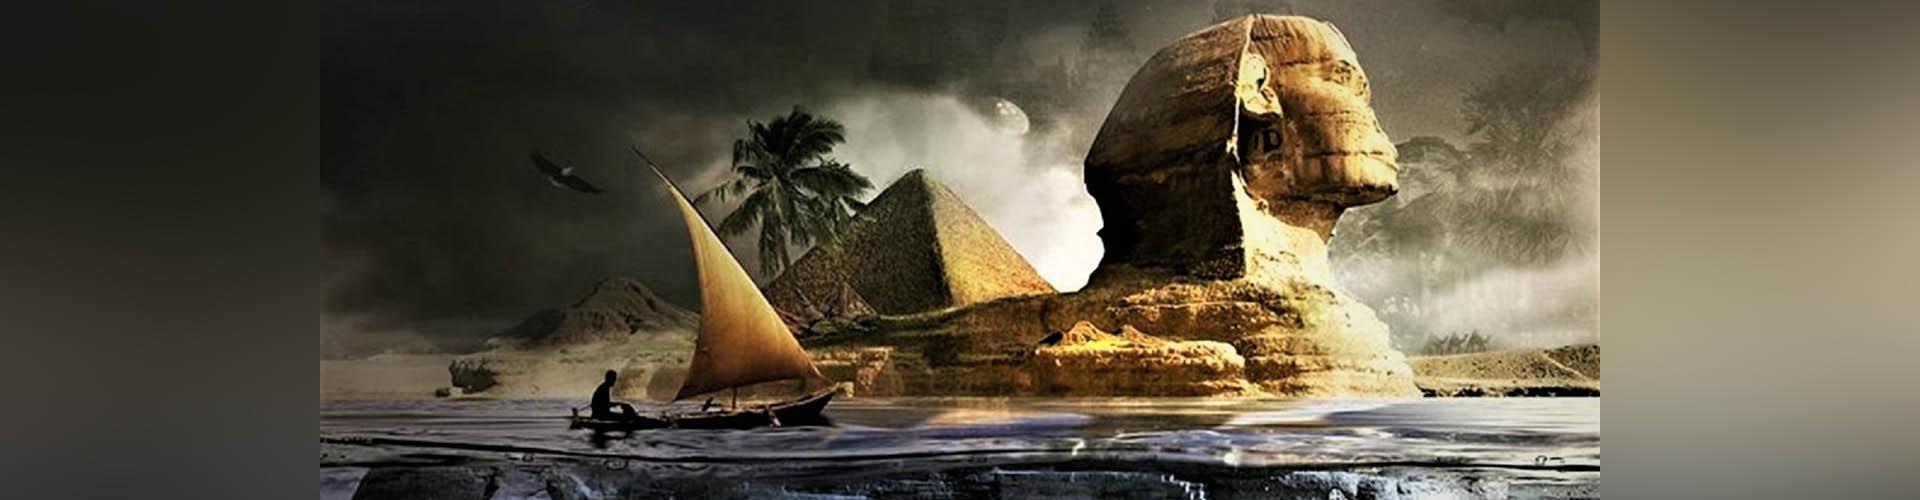 """(VIDEO) """"La Gran Esfinge de Egipto tiene 800.000 años"""", afirman investigadores y aportan evidencias"""